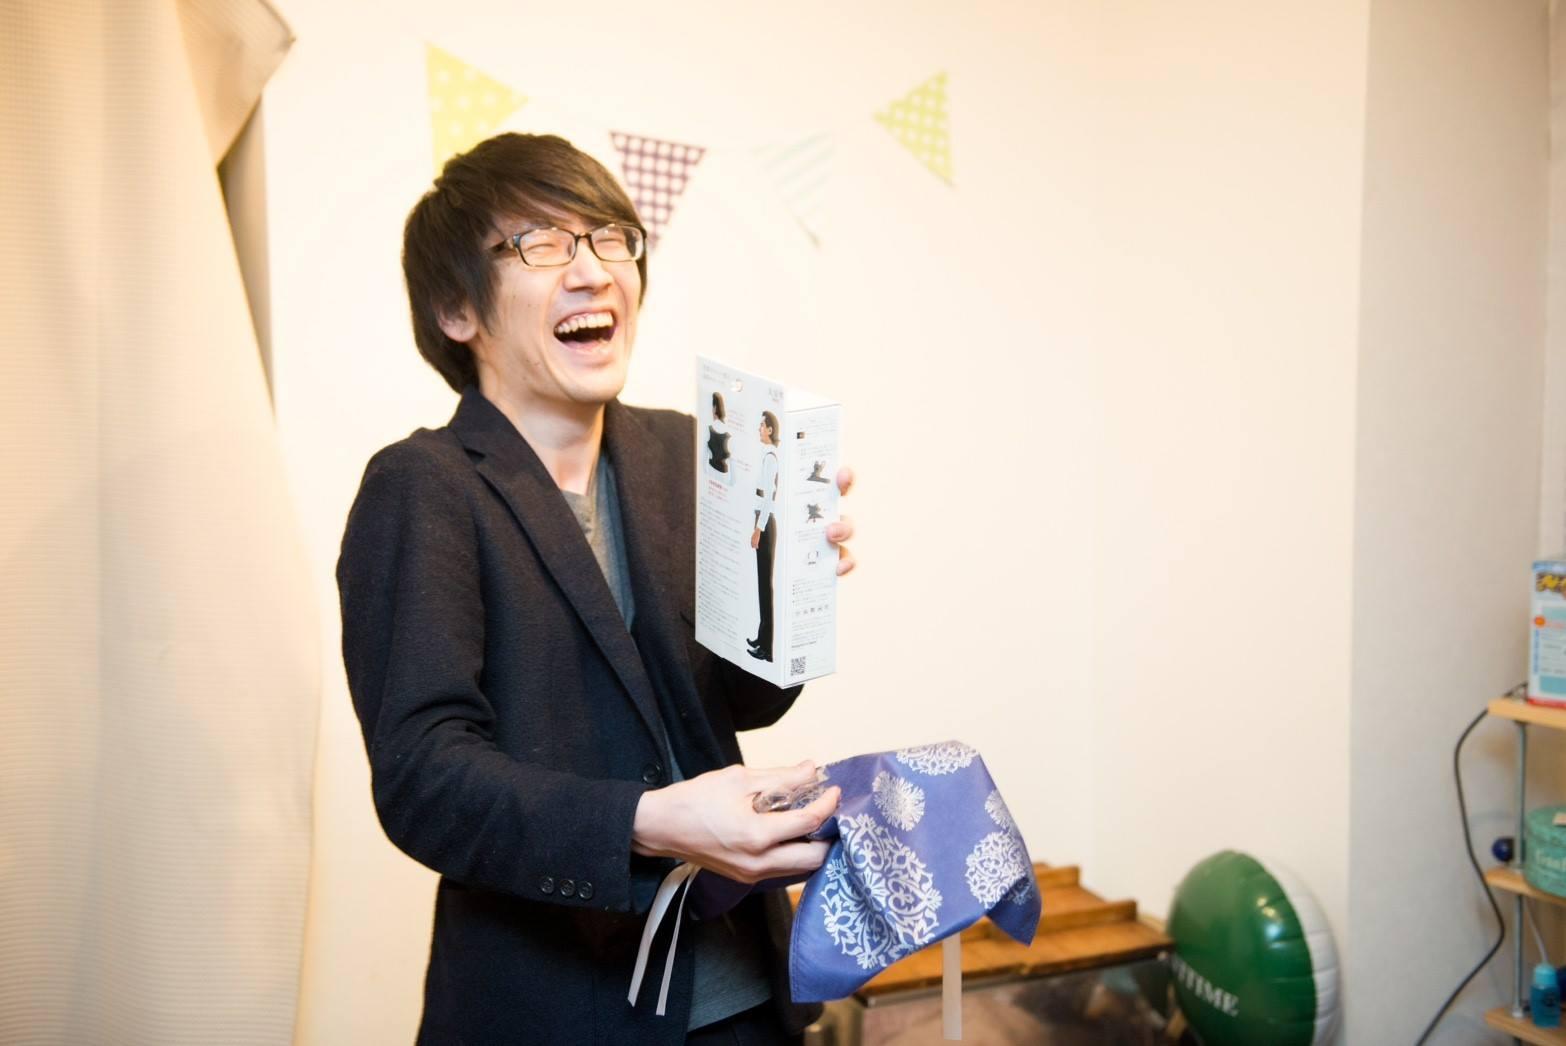 山本さんが購入予定のマンションの壁面にお名前掲示(個人)